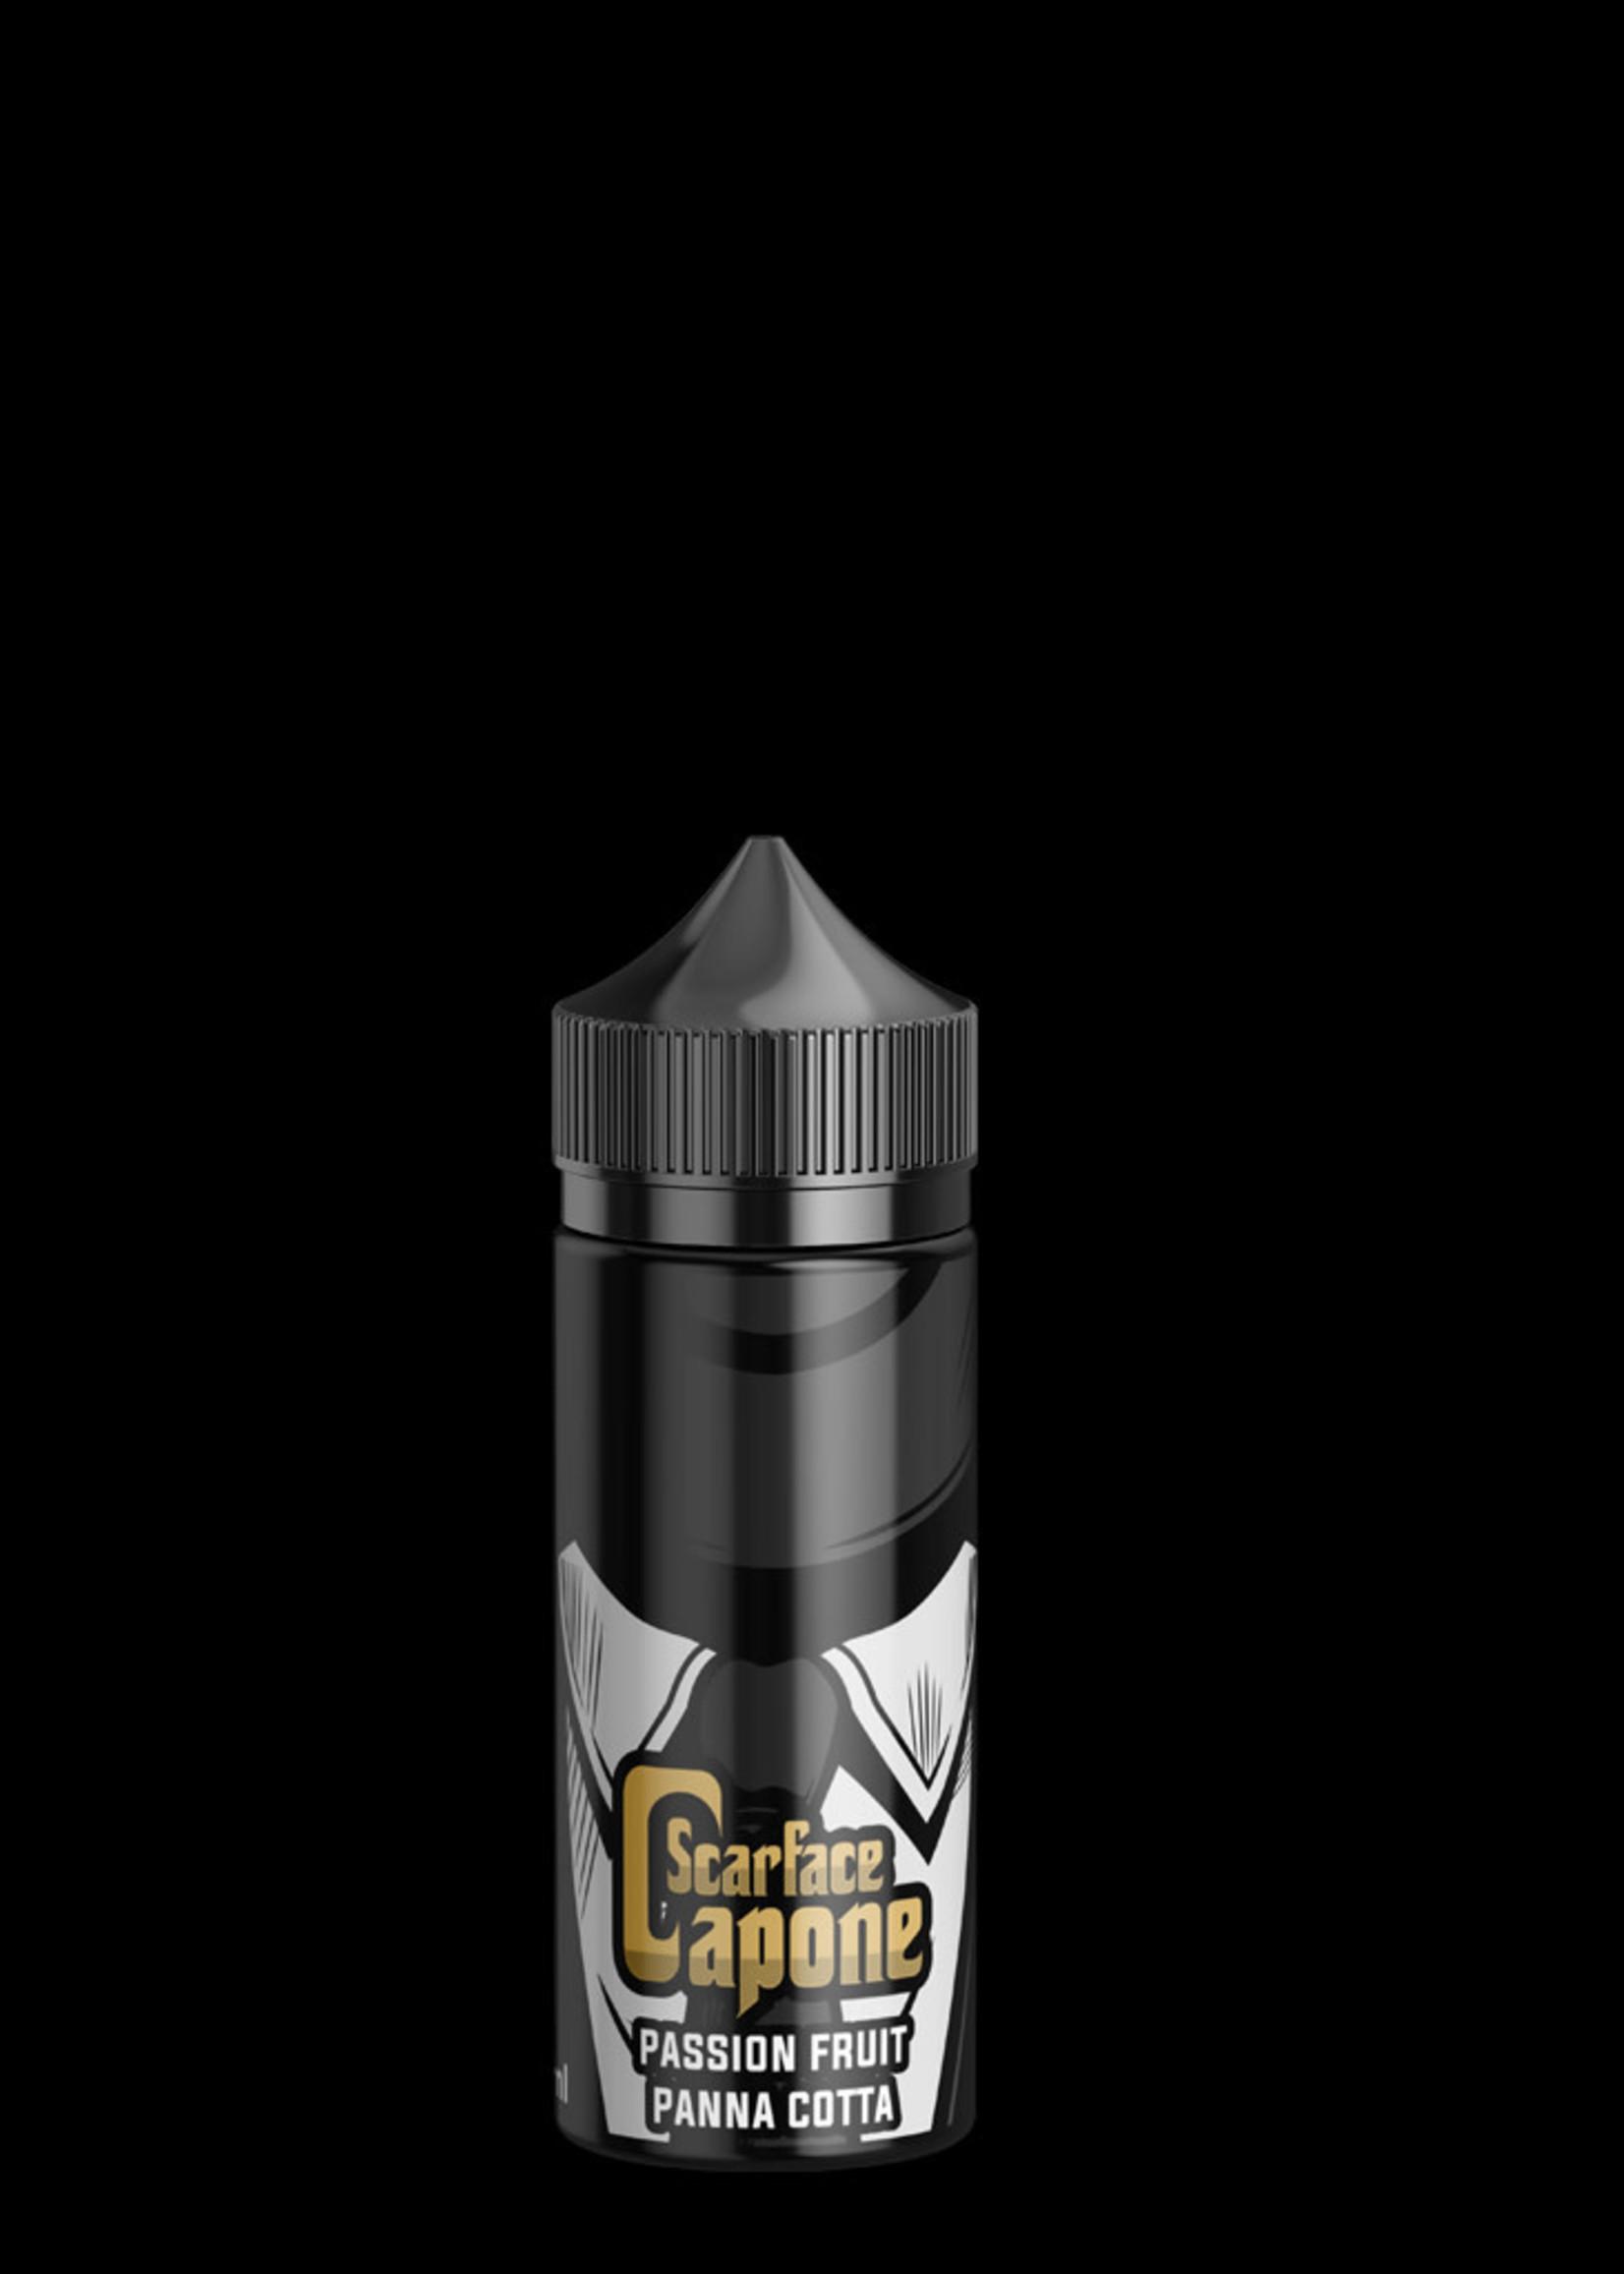 Vape flavour - Pannacotta 100ml- 3mg